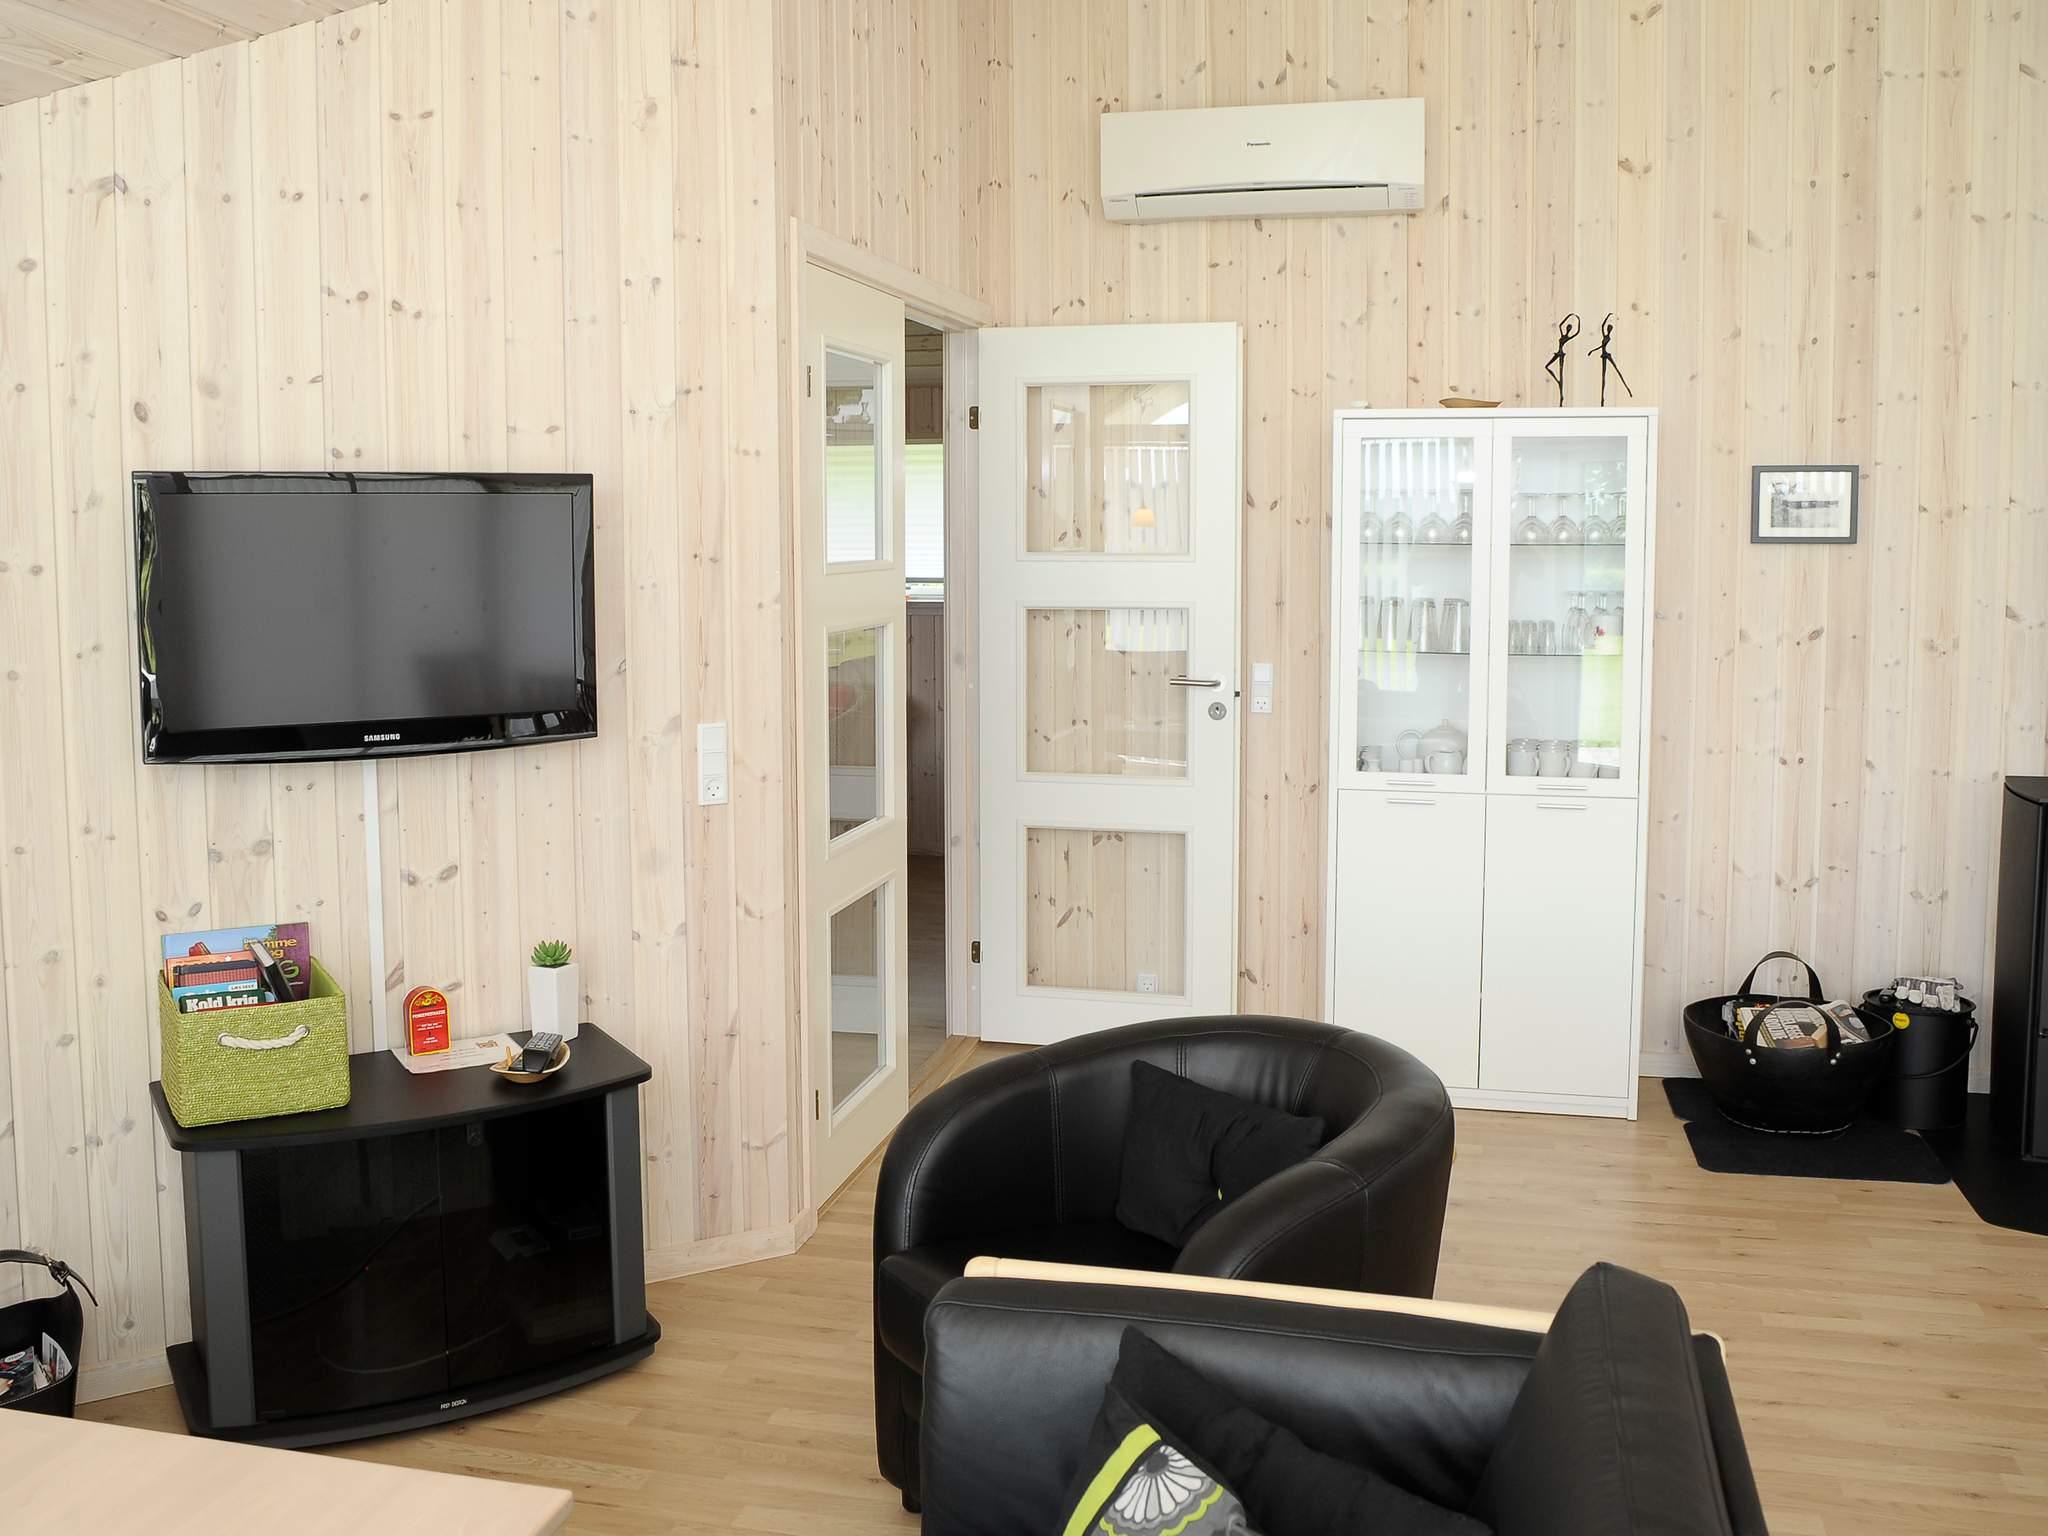 Ferienhaus Silkeborg (490433), Silkeborg, , Ostjütland, Dänemark, Bild 7